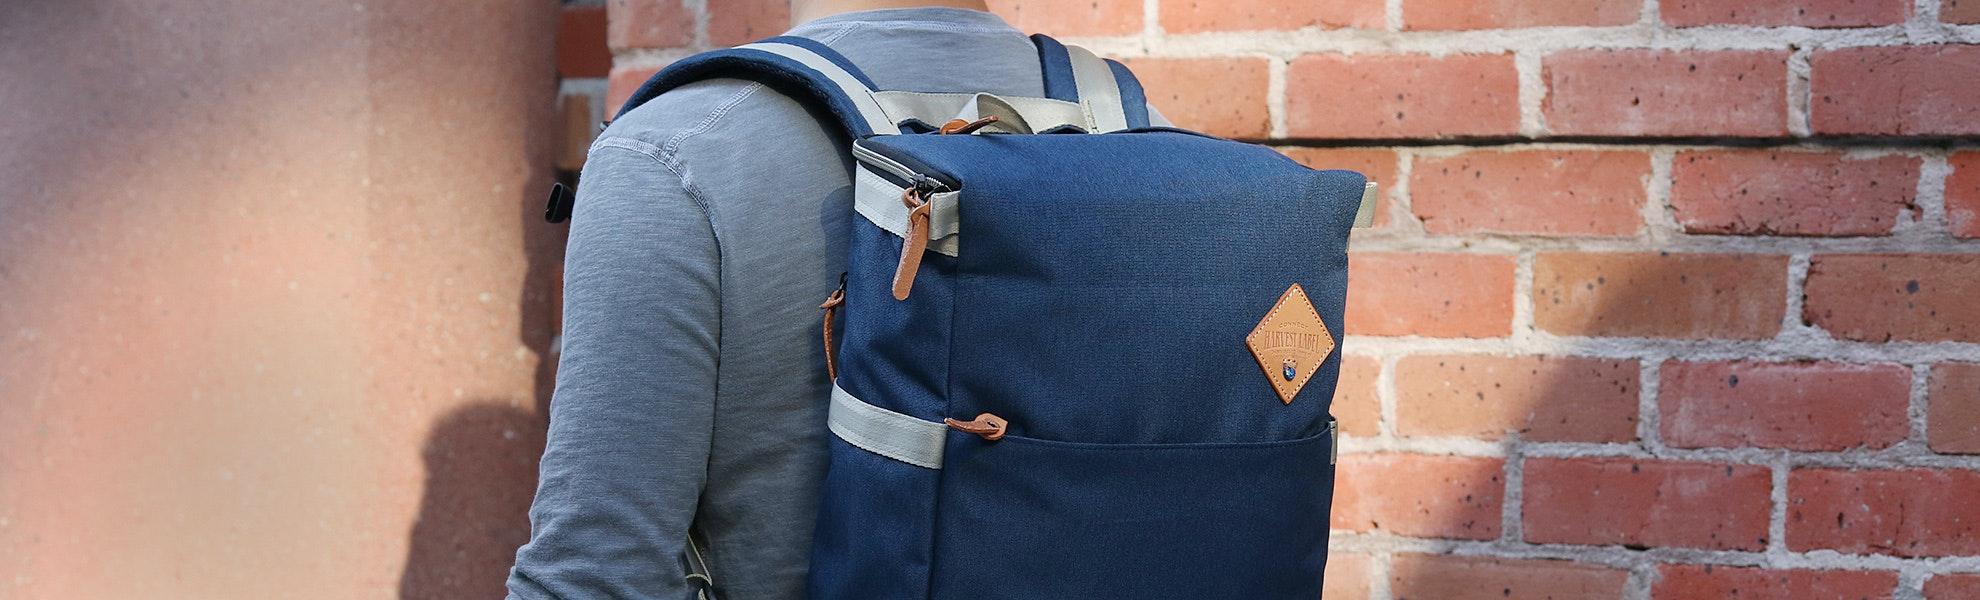 Harvest Label Campus Backpack